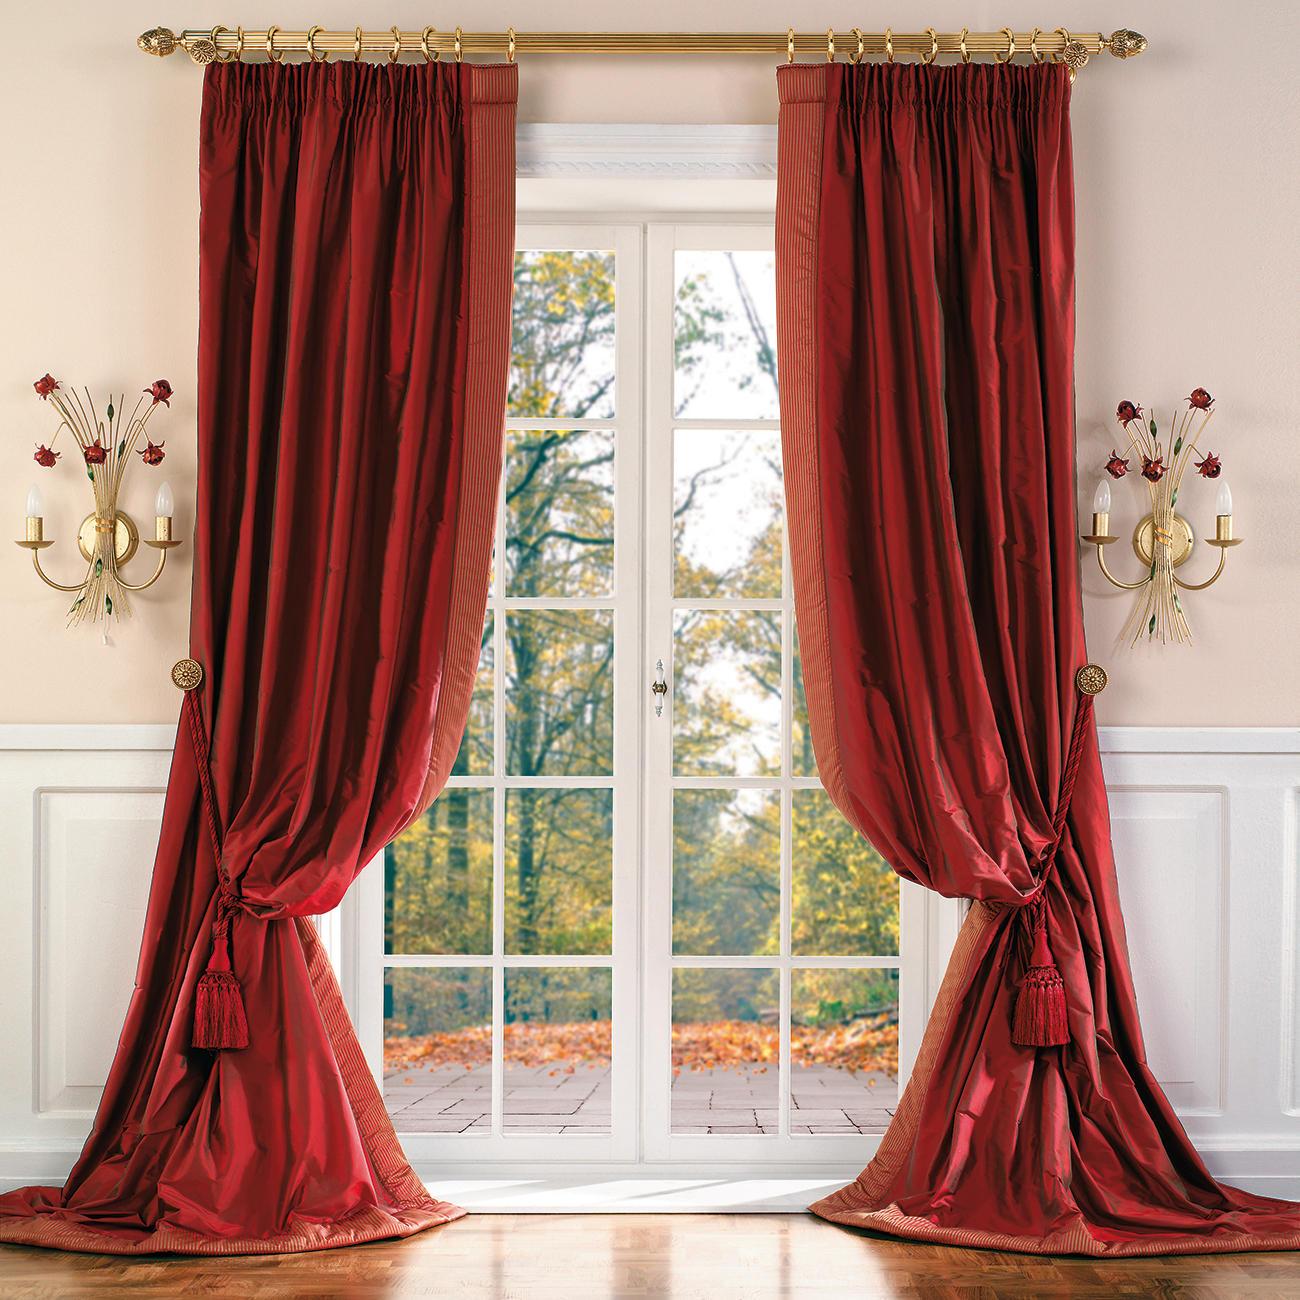 vorhang versailles 1 st ck vorh nge online kaufen. Black Bedroom Furniture Sets. Home Design Ideas